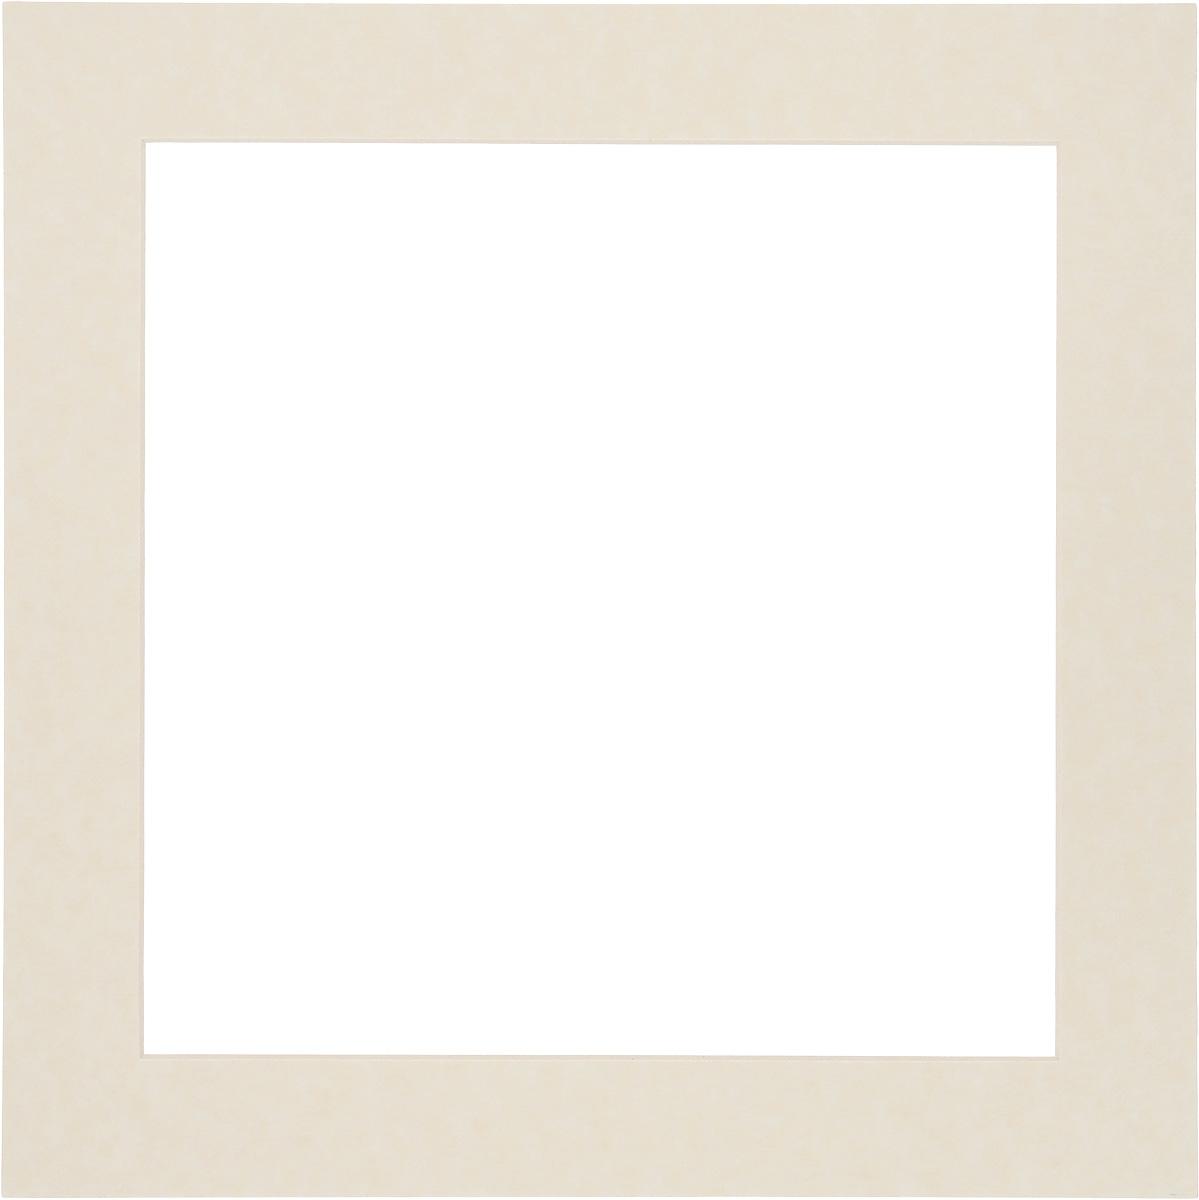 Паспарту Василиса, цвет: светло-бежевый, 35 х 35 см581255Паспарту Василиса, изготовленное из плотного картона, предназначено для оформления художественных работ и фотографий. Оно располагается между багетной рамой и изображением, делая акцент на фотографии, усиливая ее визуальное восприятие. Кроме того на паспарту часто располагают поясняющие подписи, автограф. Внешний размер: 35 х 35 см. Внутренний размер: 27 х 27 см.